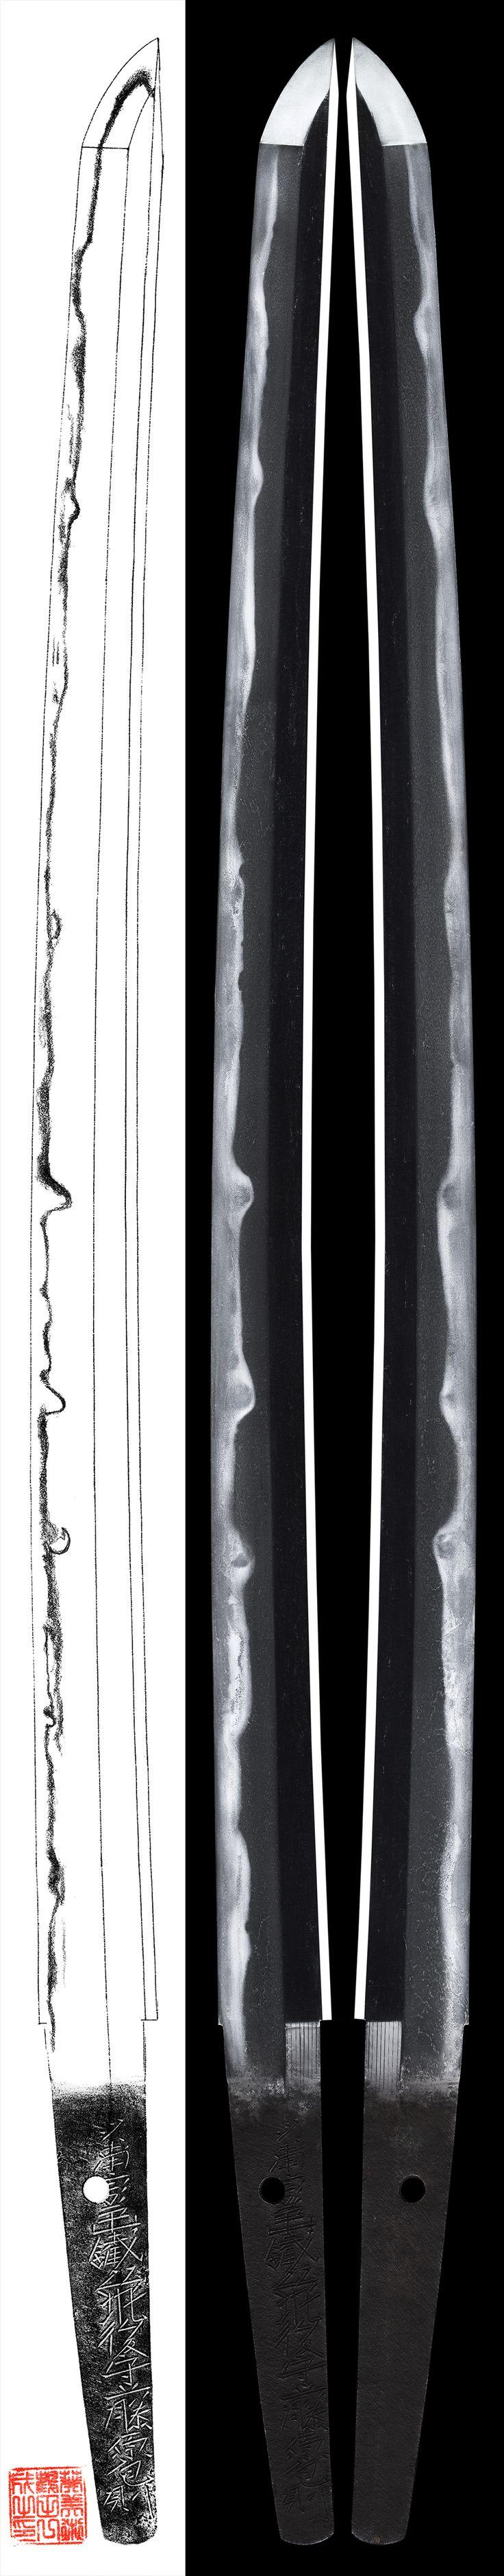 脇差:以南蛮鉄筑後守藤原包則 | 日本刀・刀剣販売の葵美術